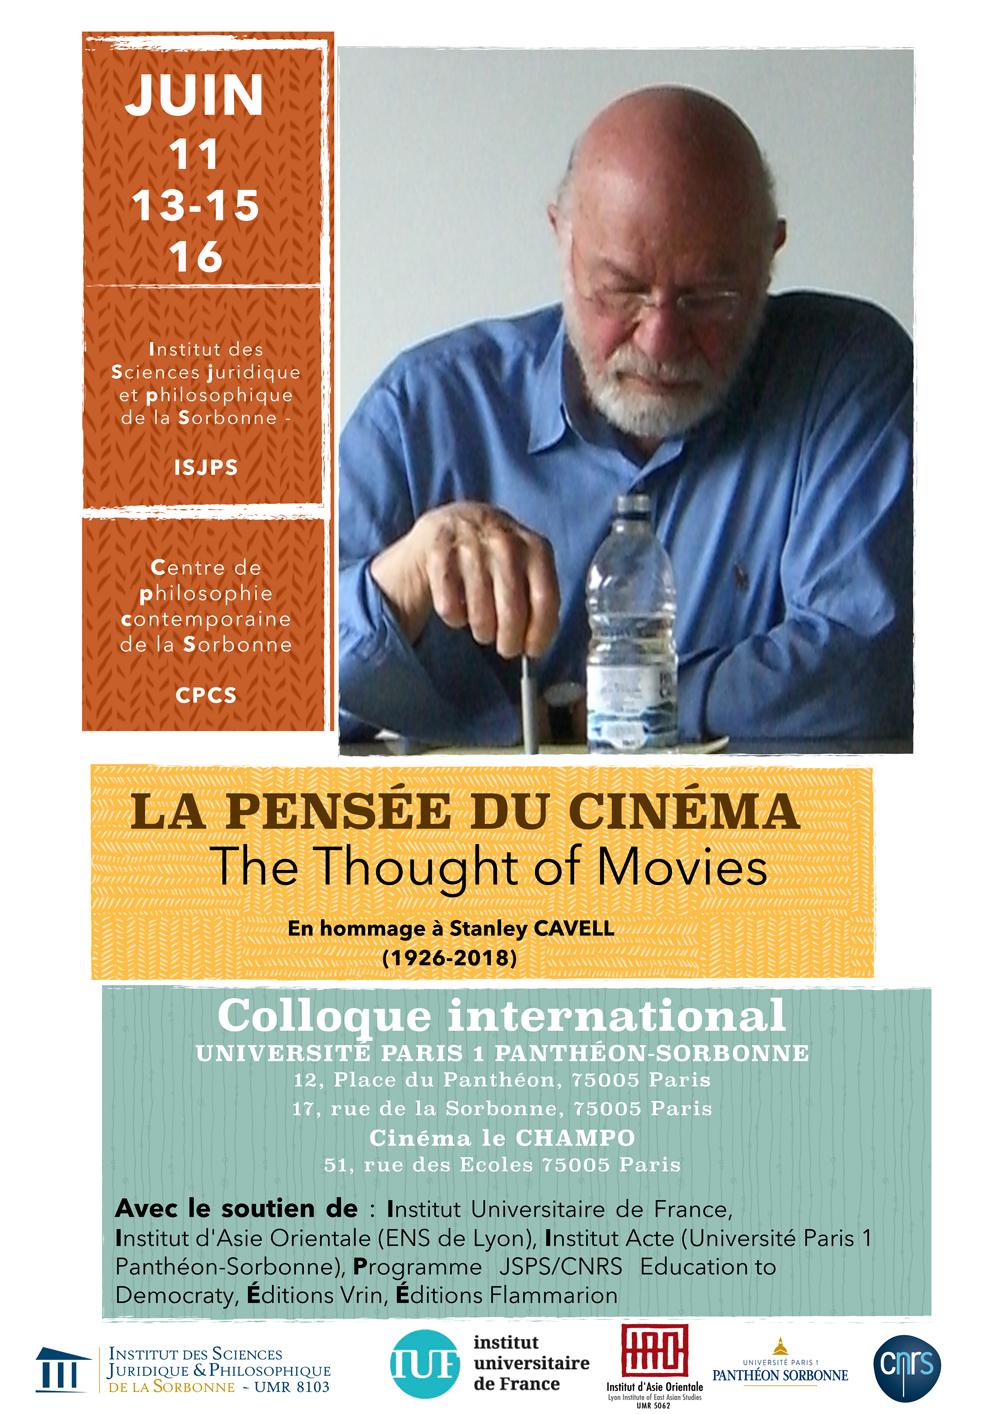 Colloque International : La pensée du cinéma, en hommage à Stanley cavell (1926-2018)